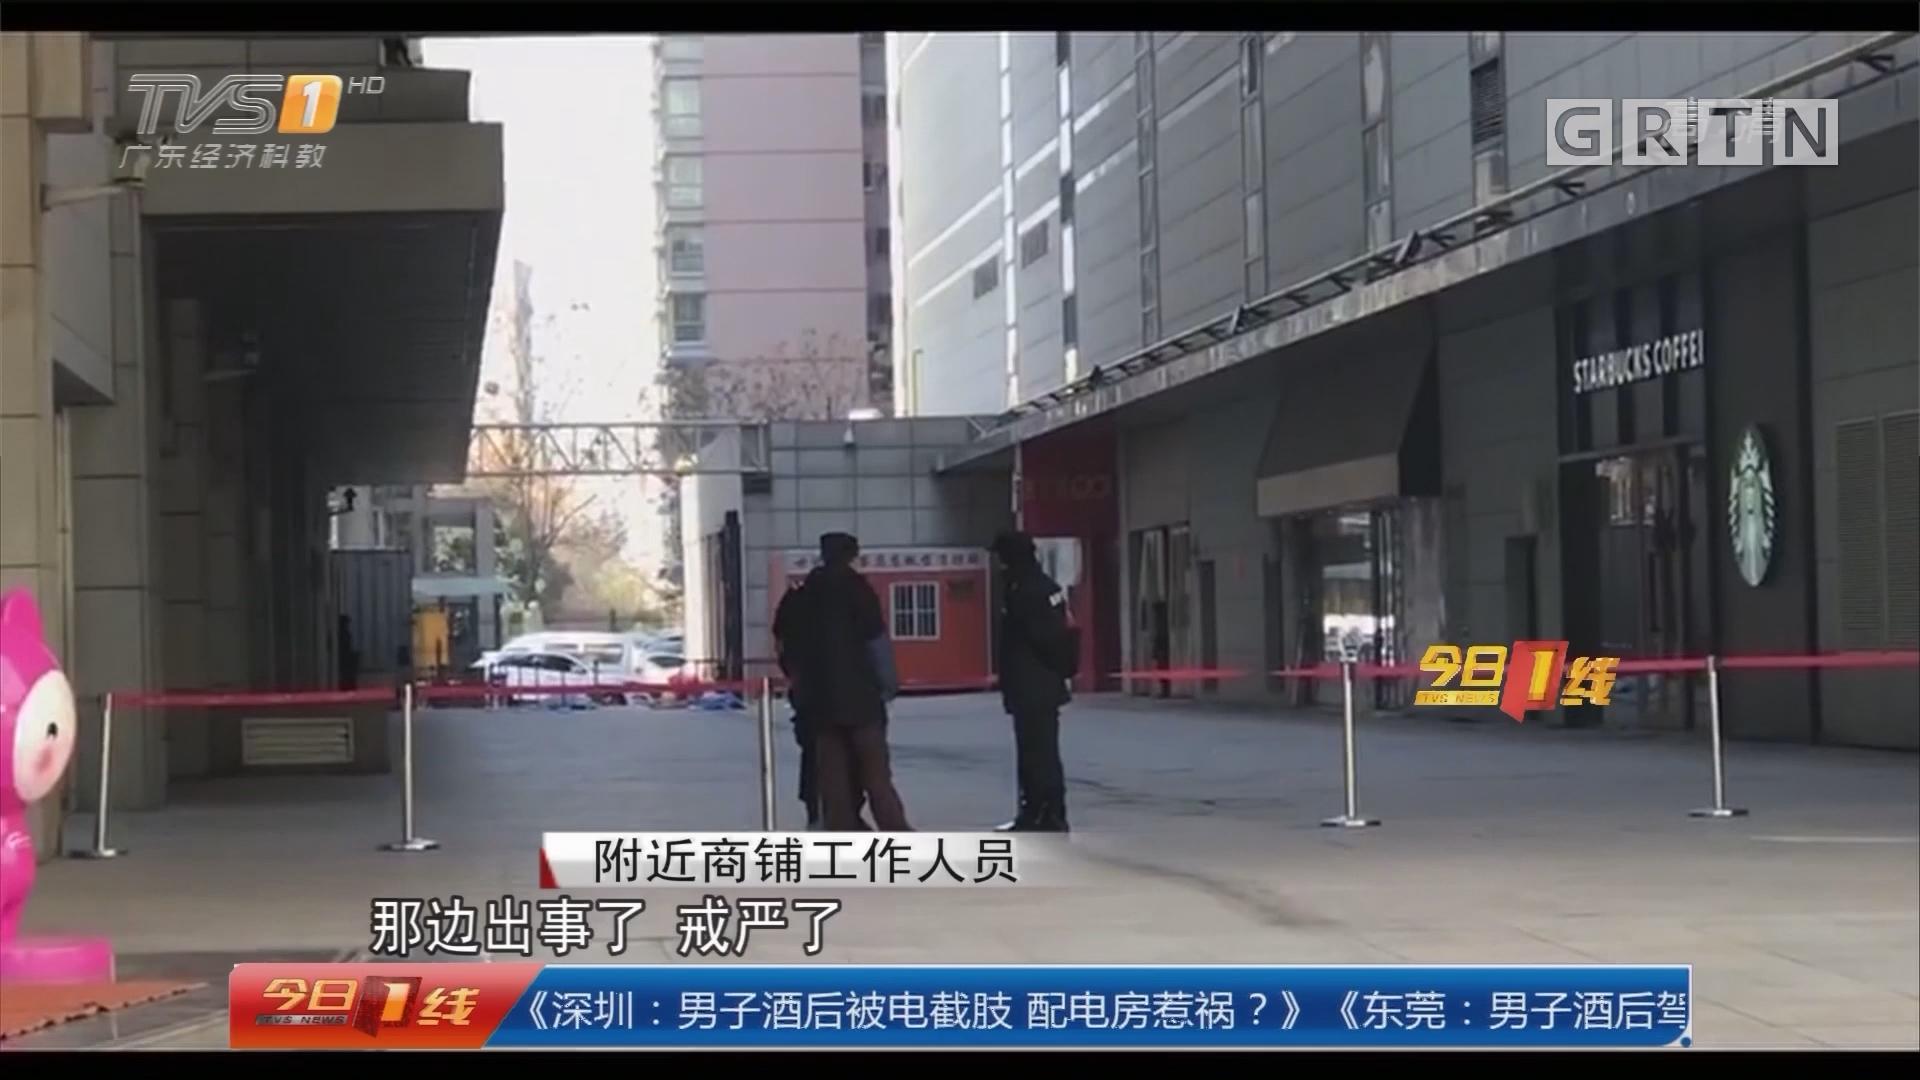 陕西西安:女子11层坠下 保安欲施救被砸身亡